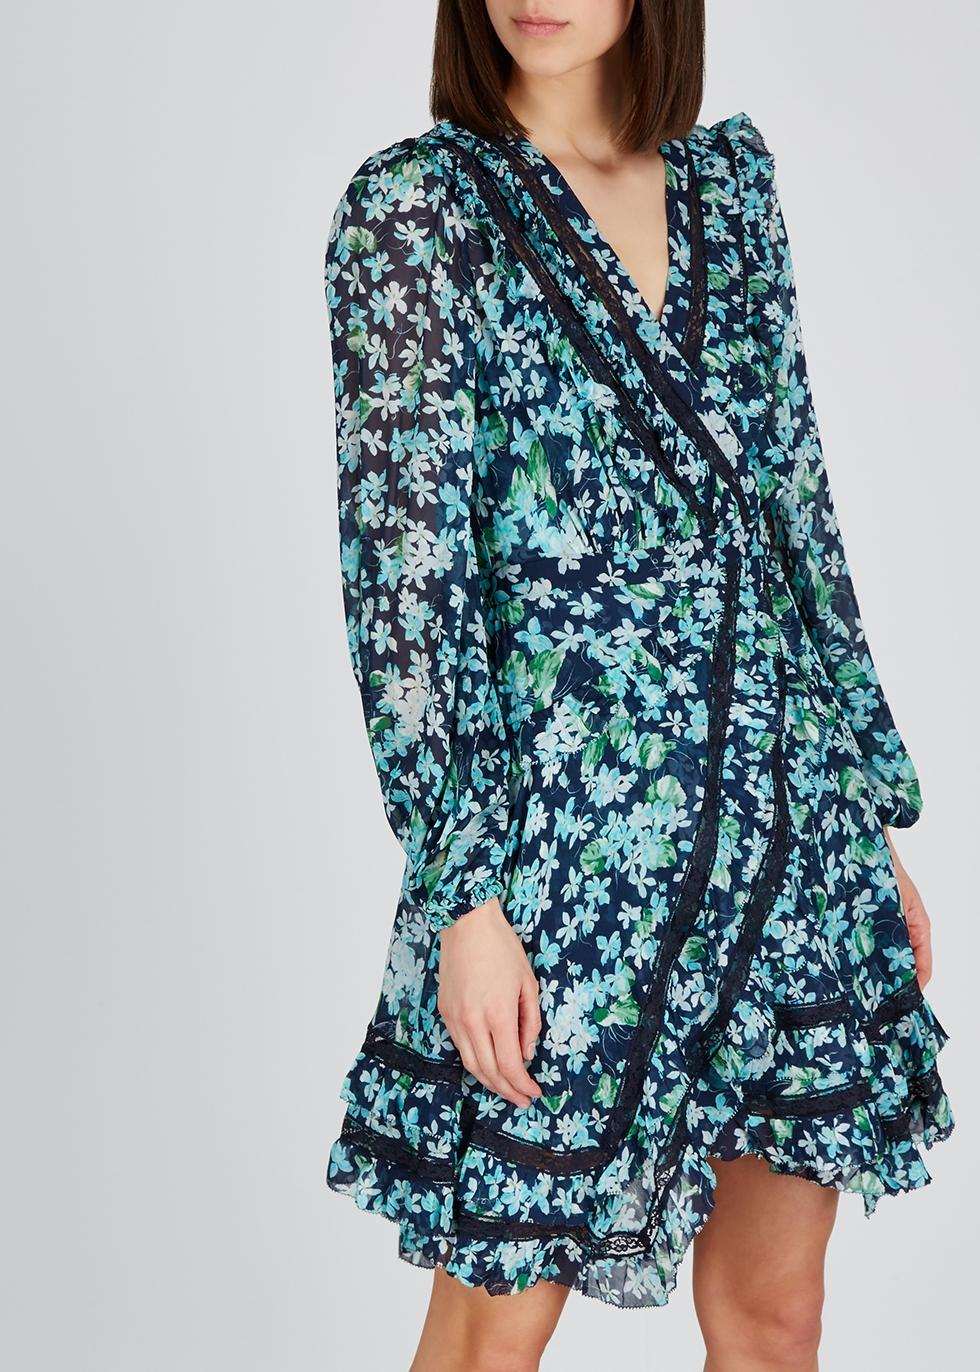 Moncur floral-print chiffon wrap dress - Zimmermann